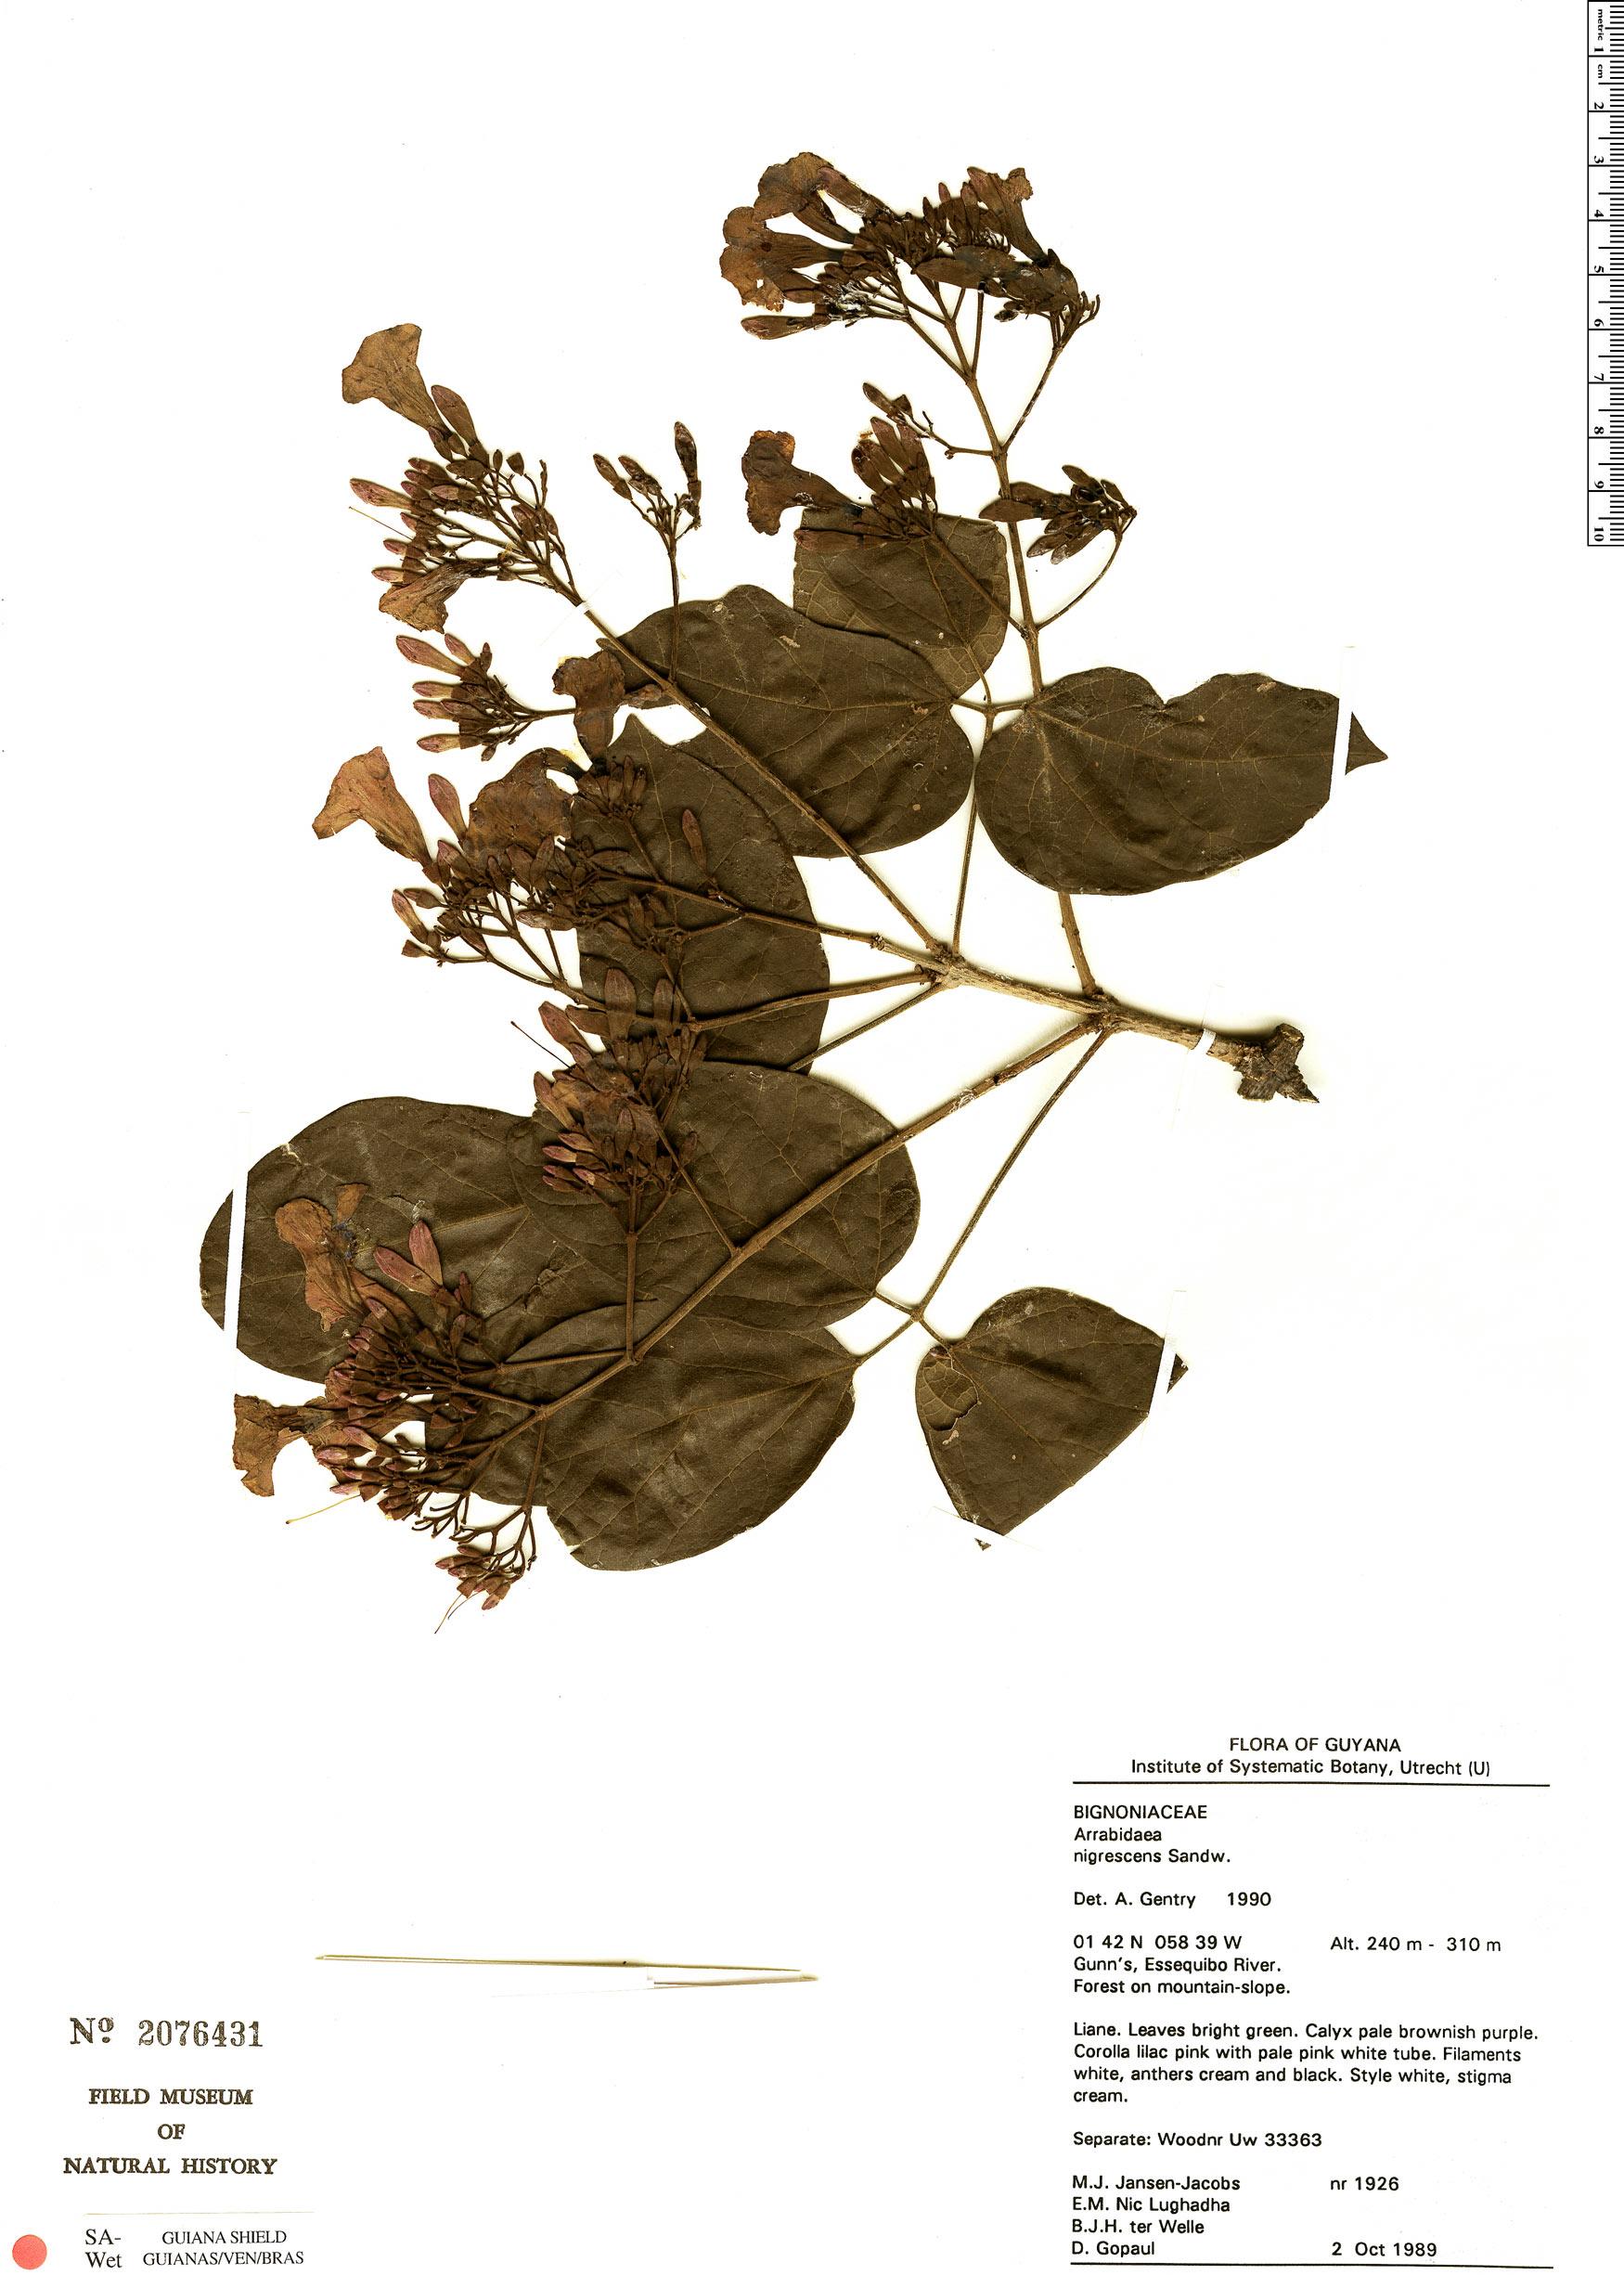 Specimen: Fridericia nigrescens